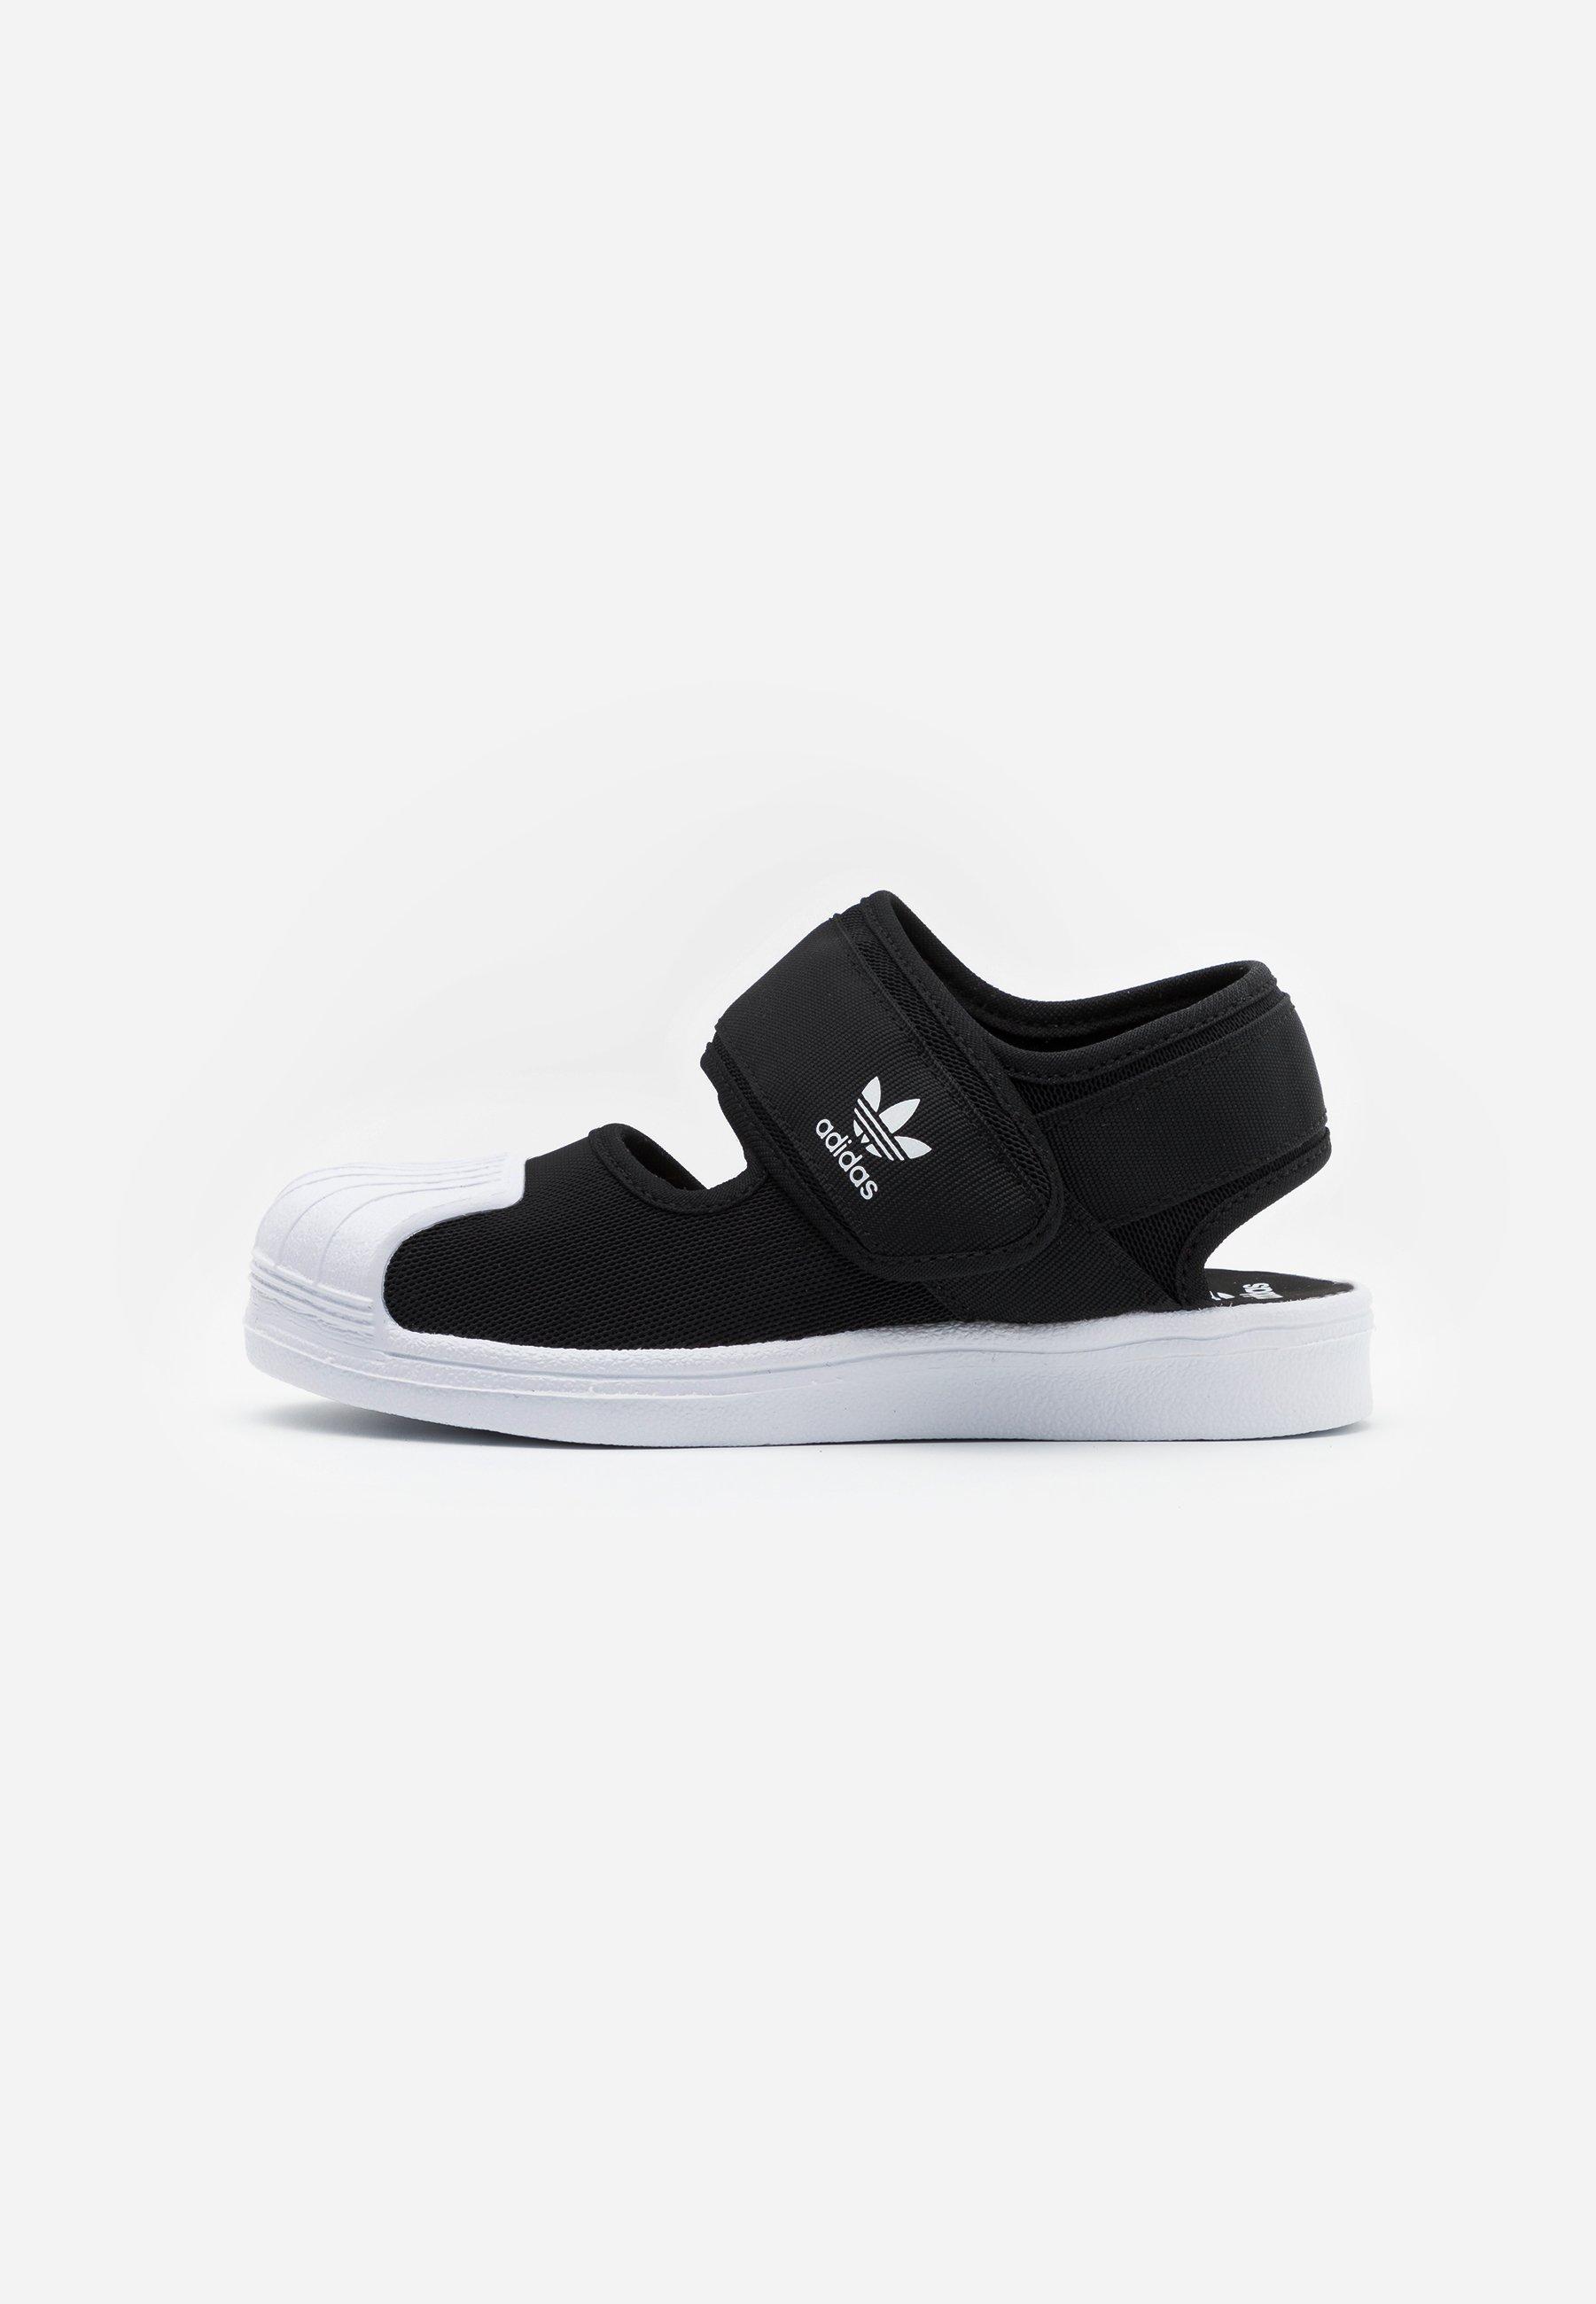 chaussures de sport adidas enfant